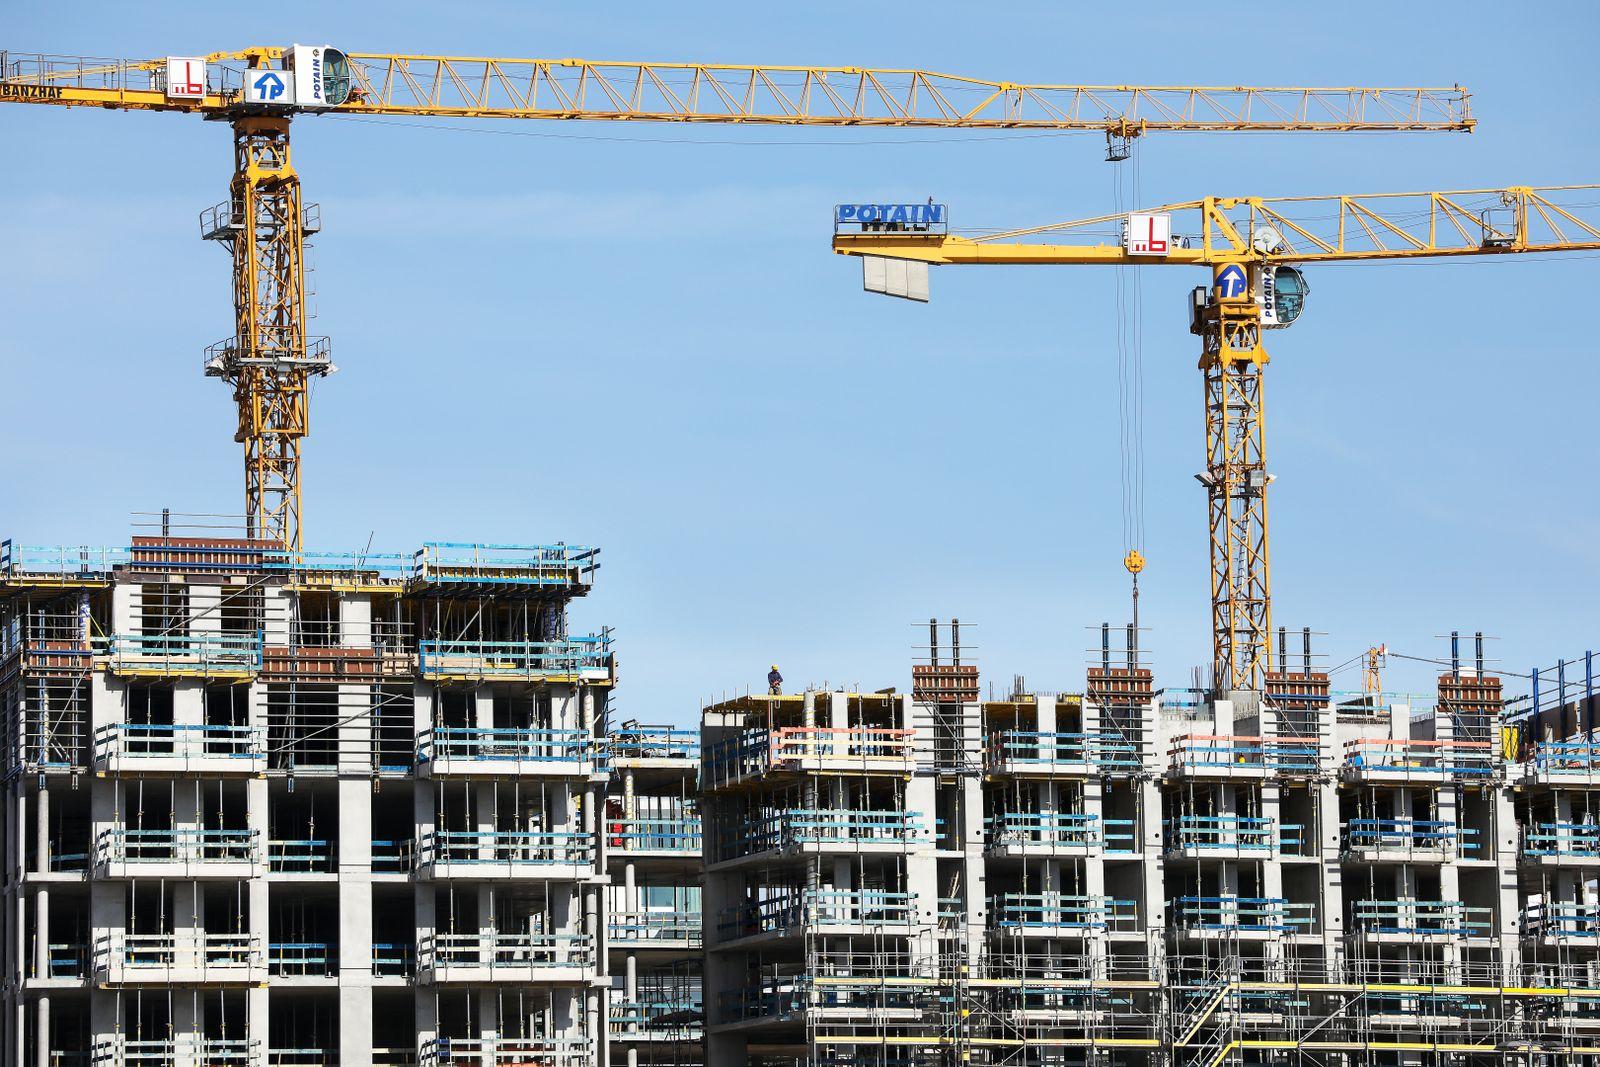 Immobilien / Wohnungen / Immobilie/ Sondierungsergebnisse